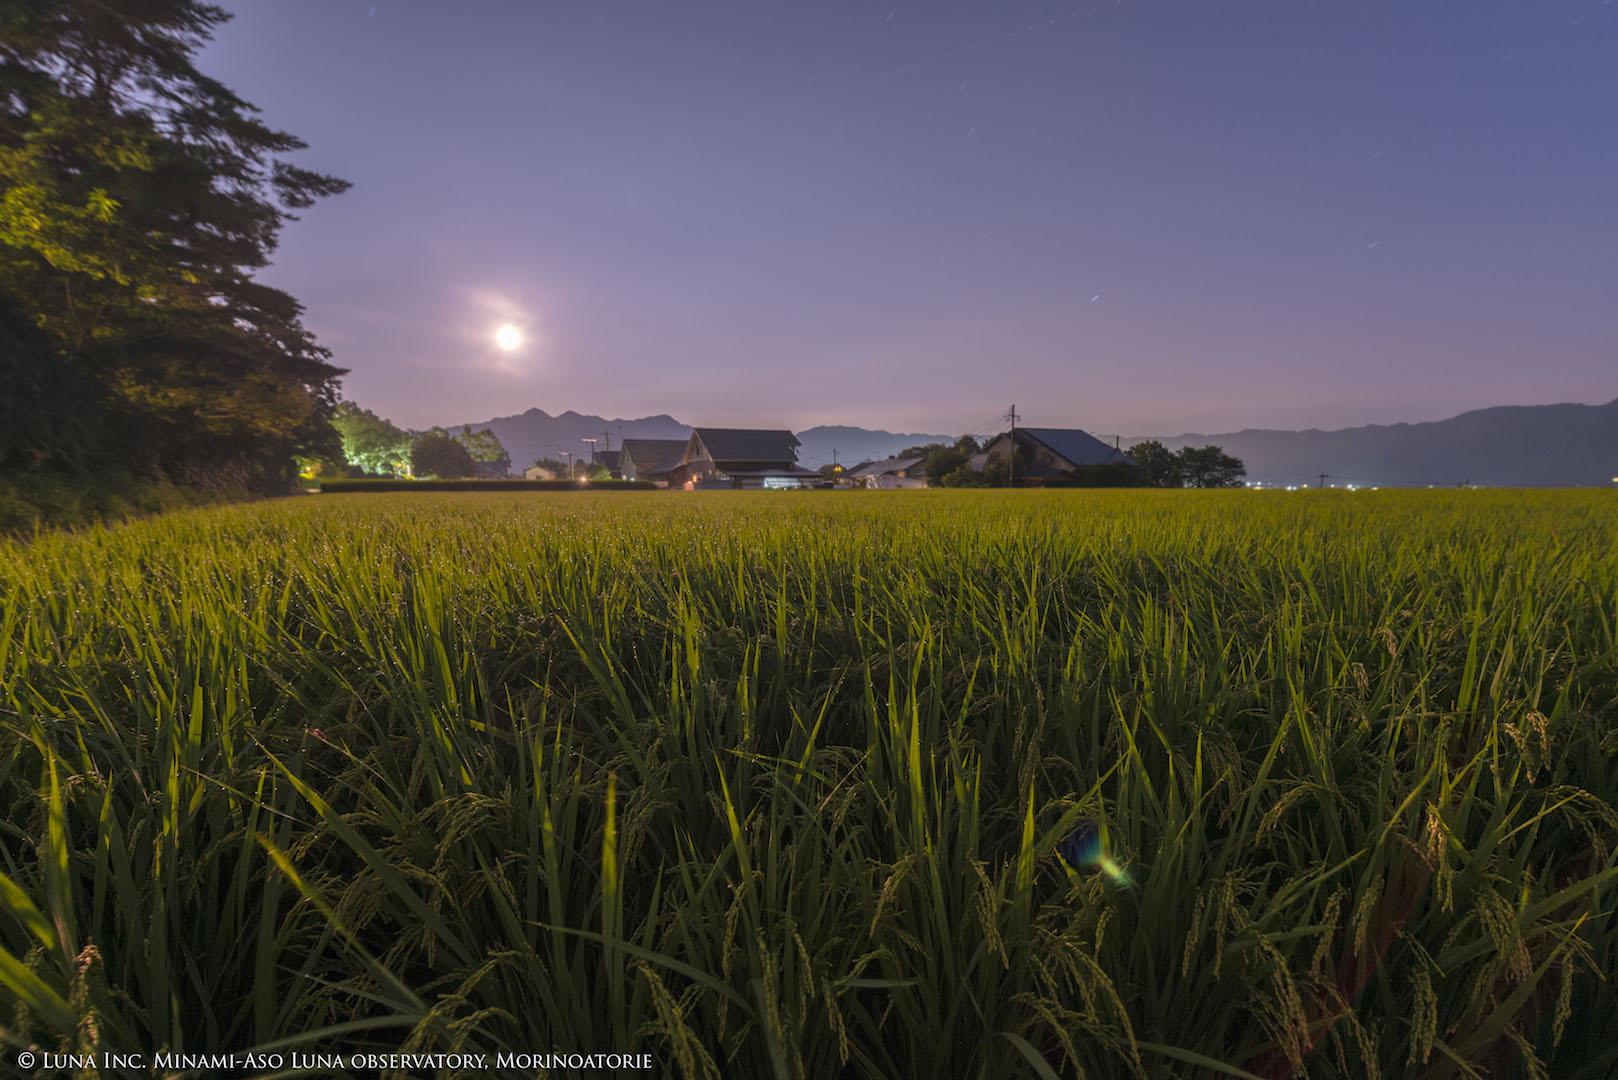 外輪山から顔を出した月に照らされる、黄金色の田圃。